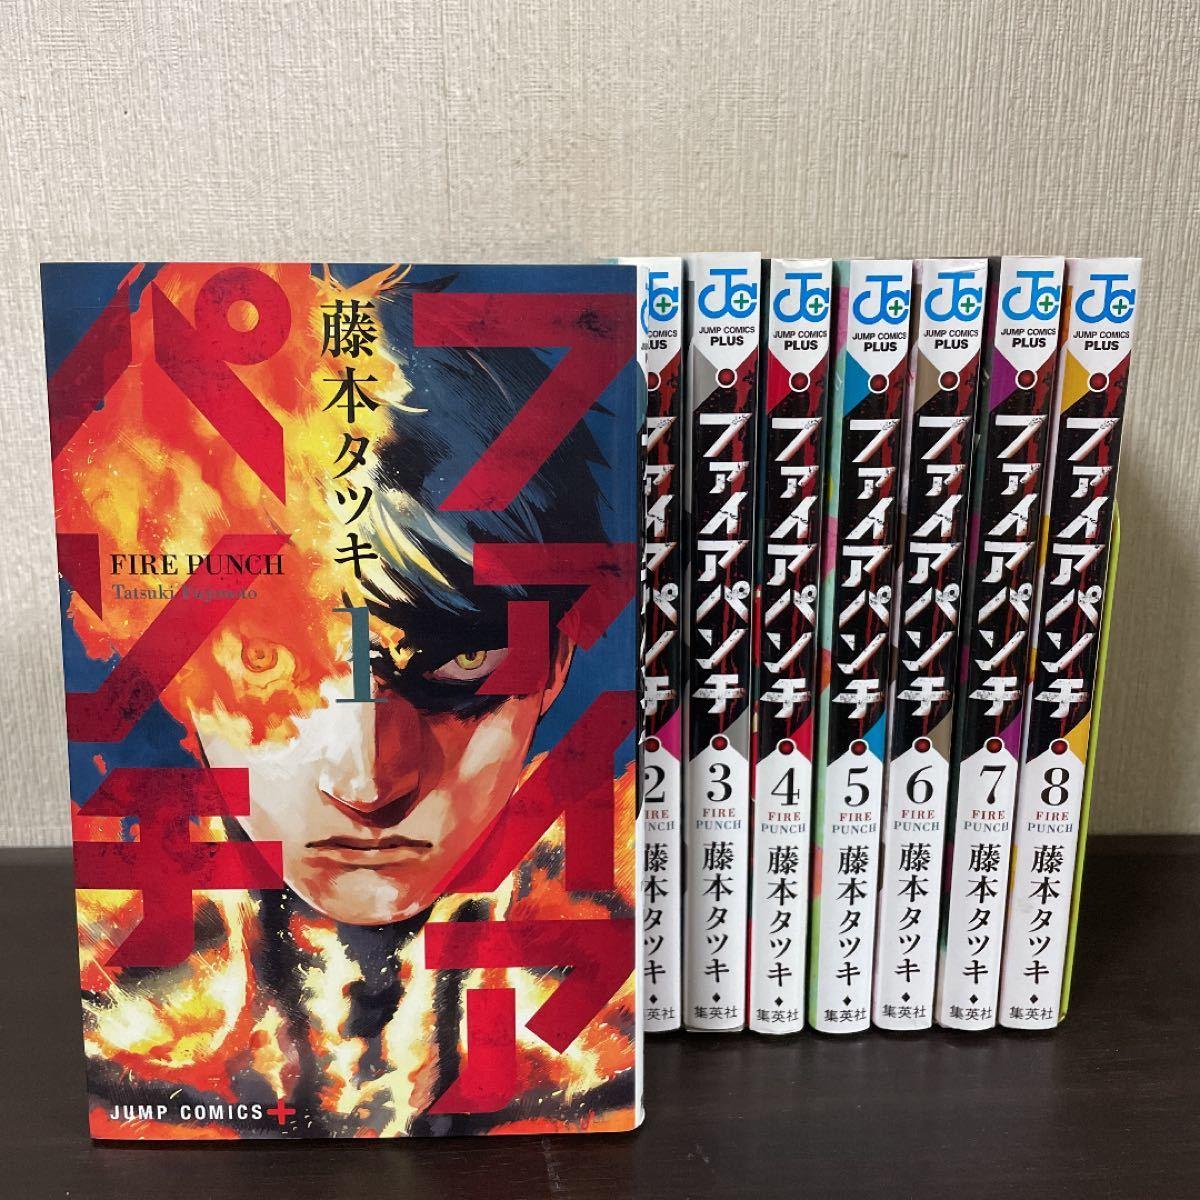 【全巻初版】ファイアパンチ 全巻セット 1-8巻 藤本タツキ